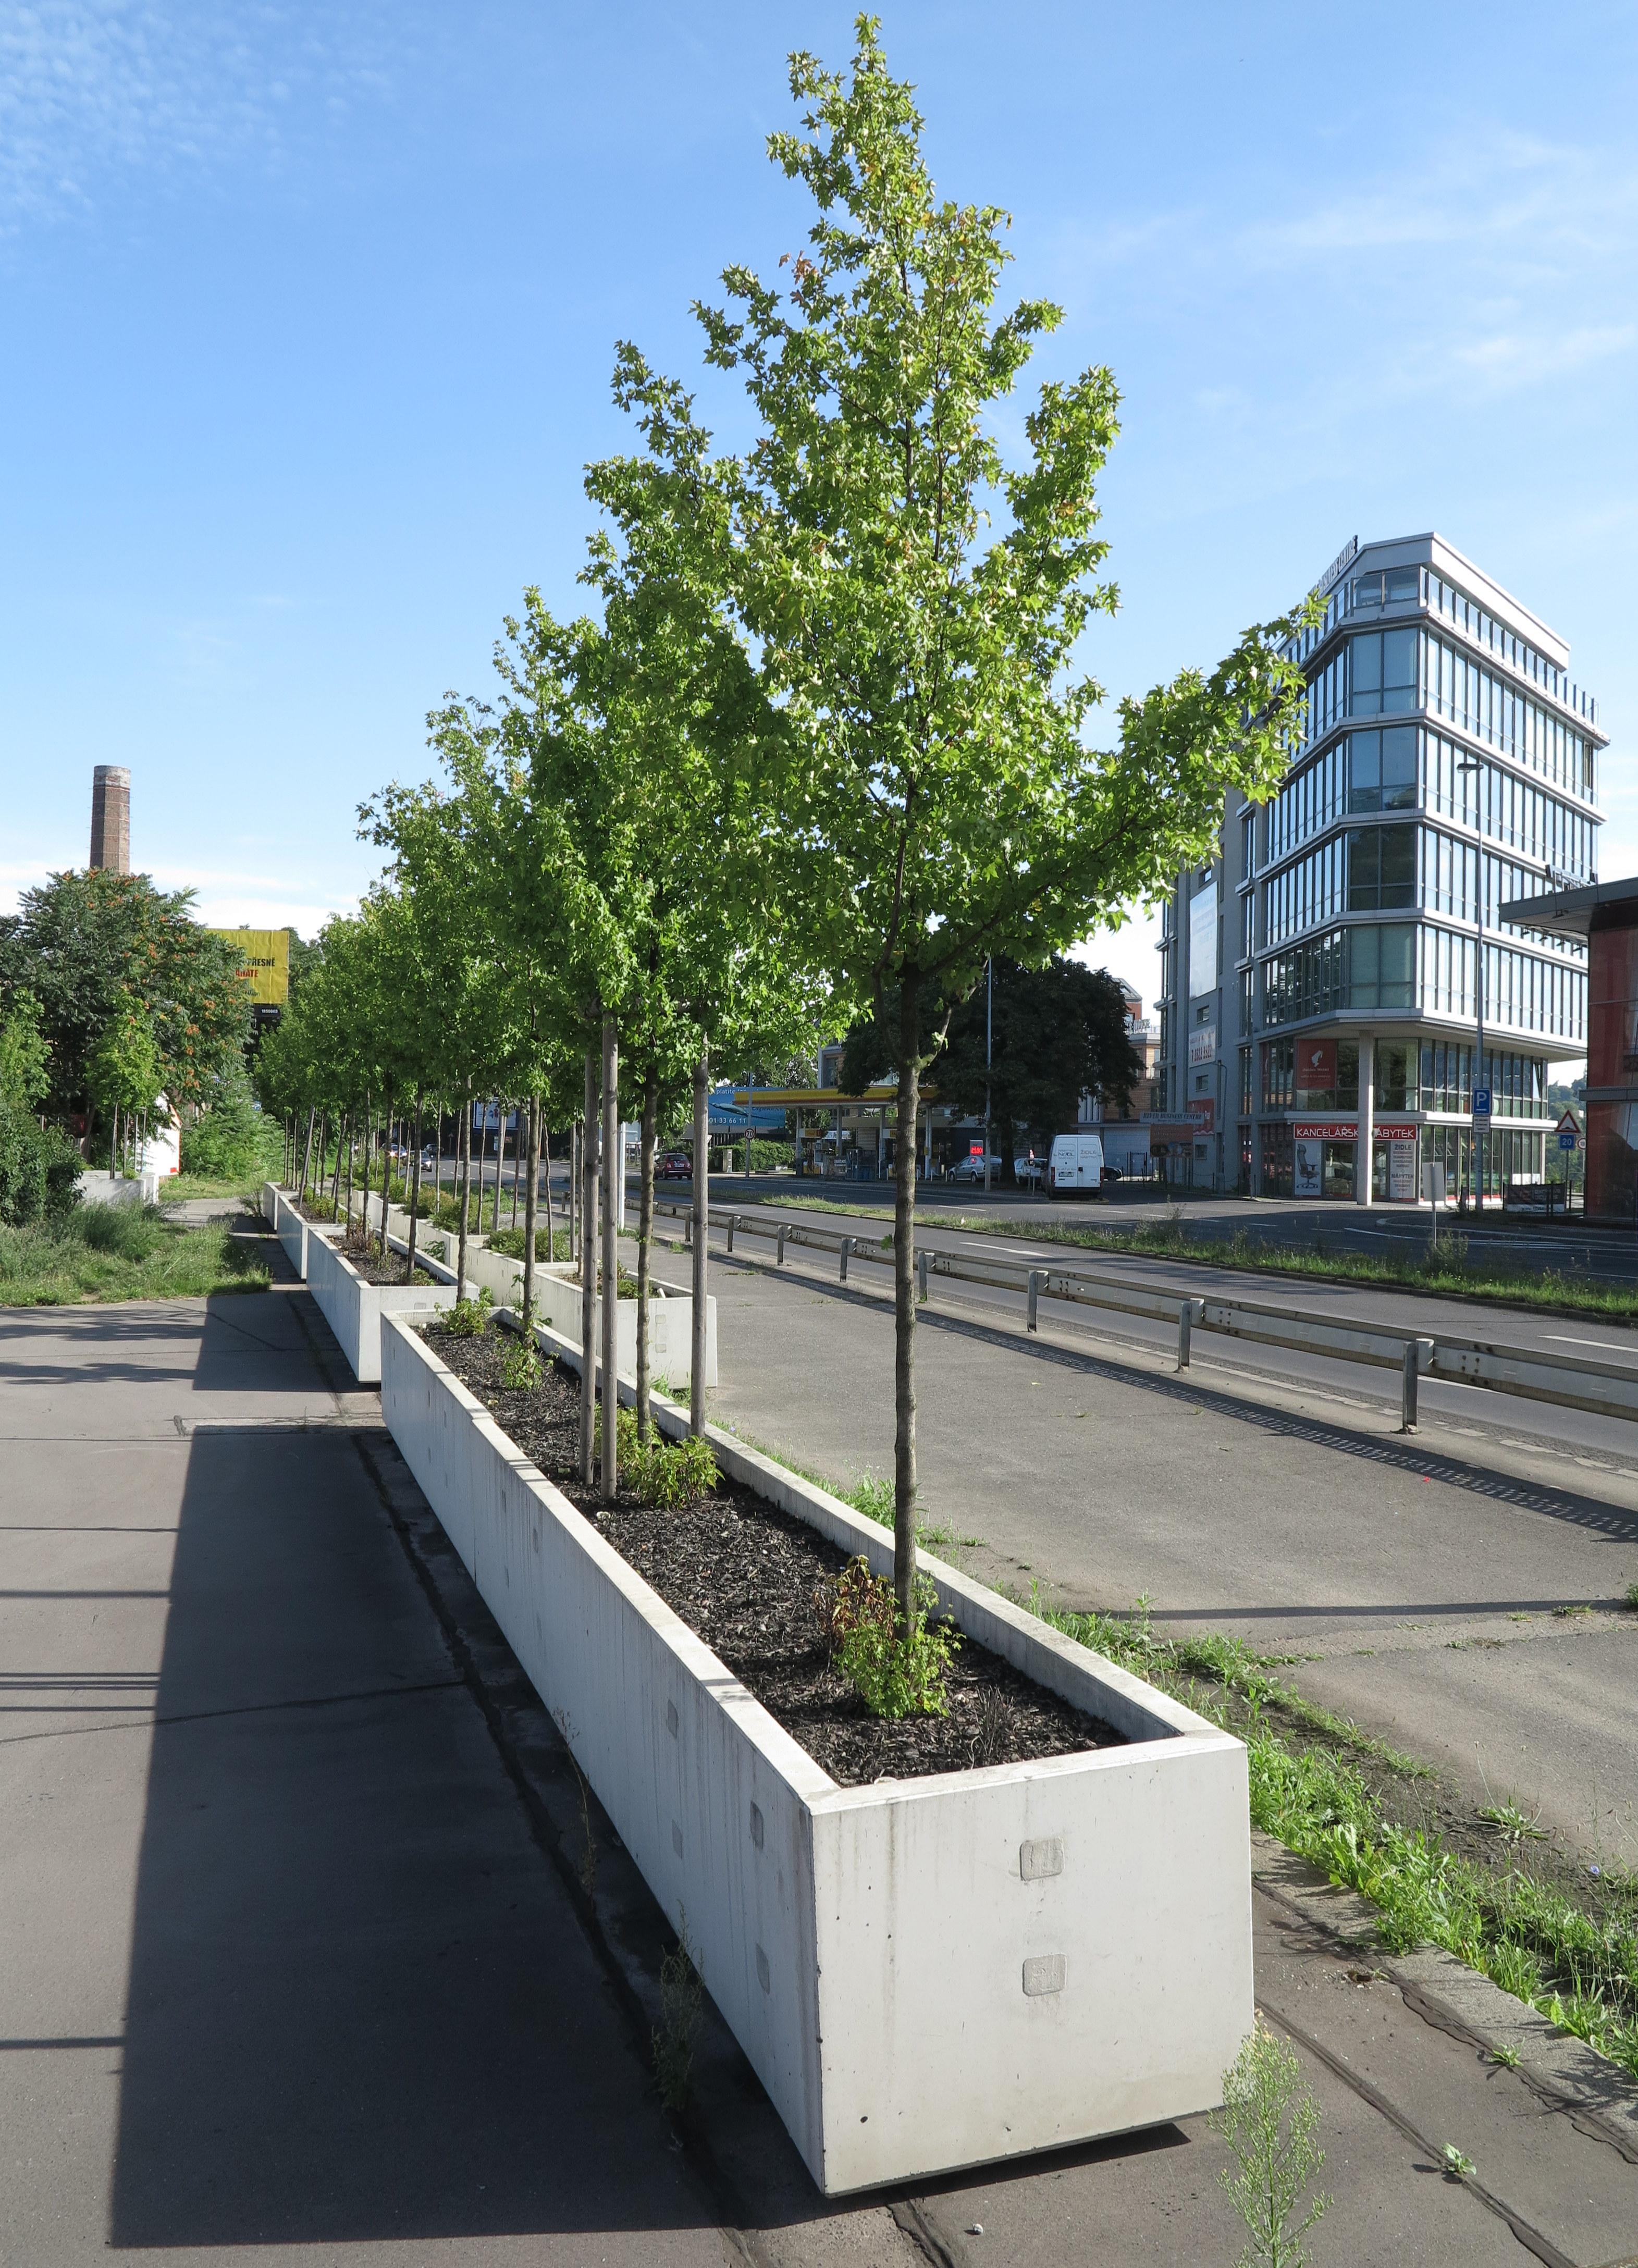 betonove-kvetinace-jsou-prozatim-vsechny-zamluveny